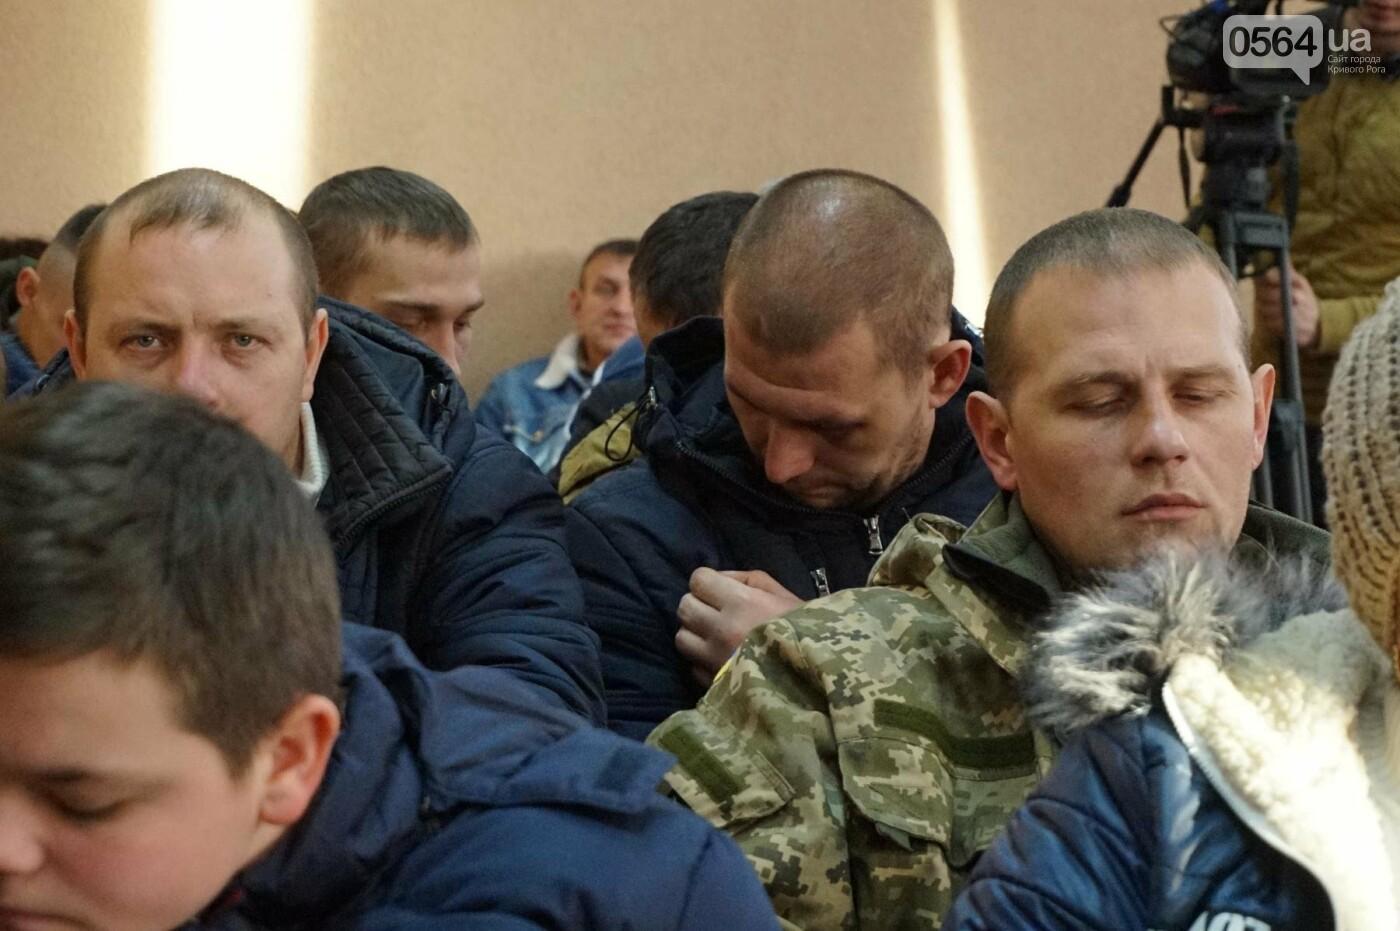 В Кривом Роге 52 бойца АТО получили землю под строительство жилья (ФОТО), фото-15